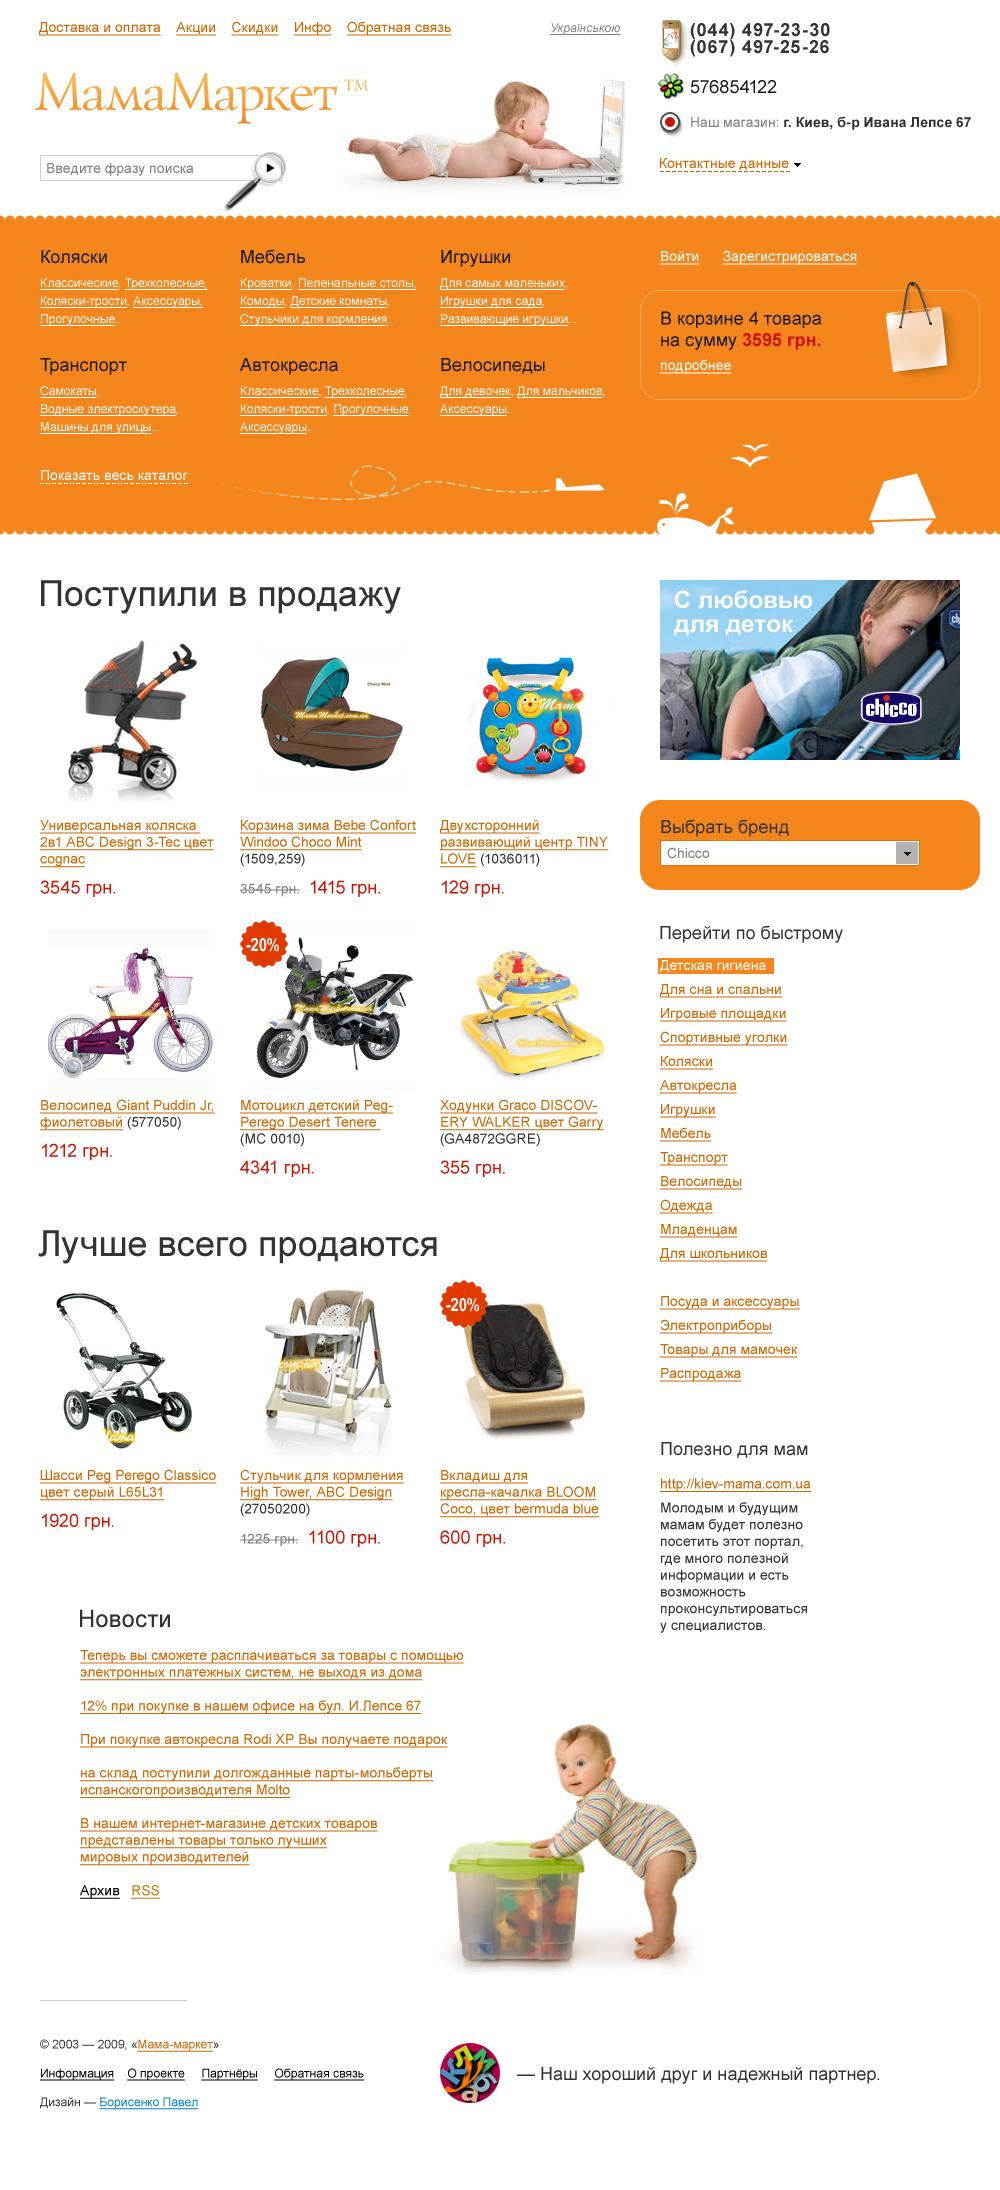 Магазин для мам и детей Mamamarket